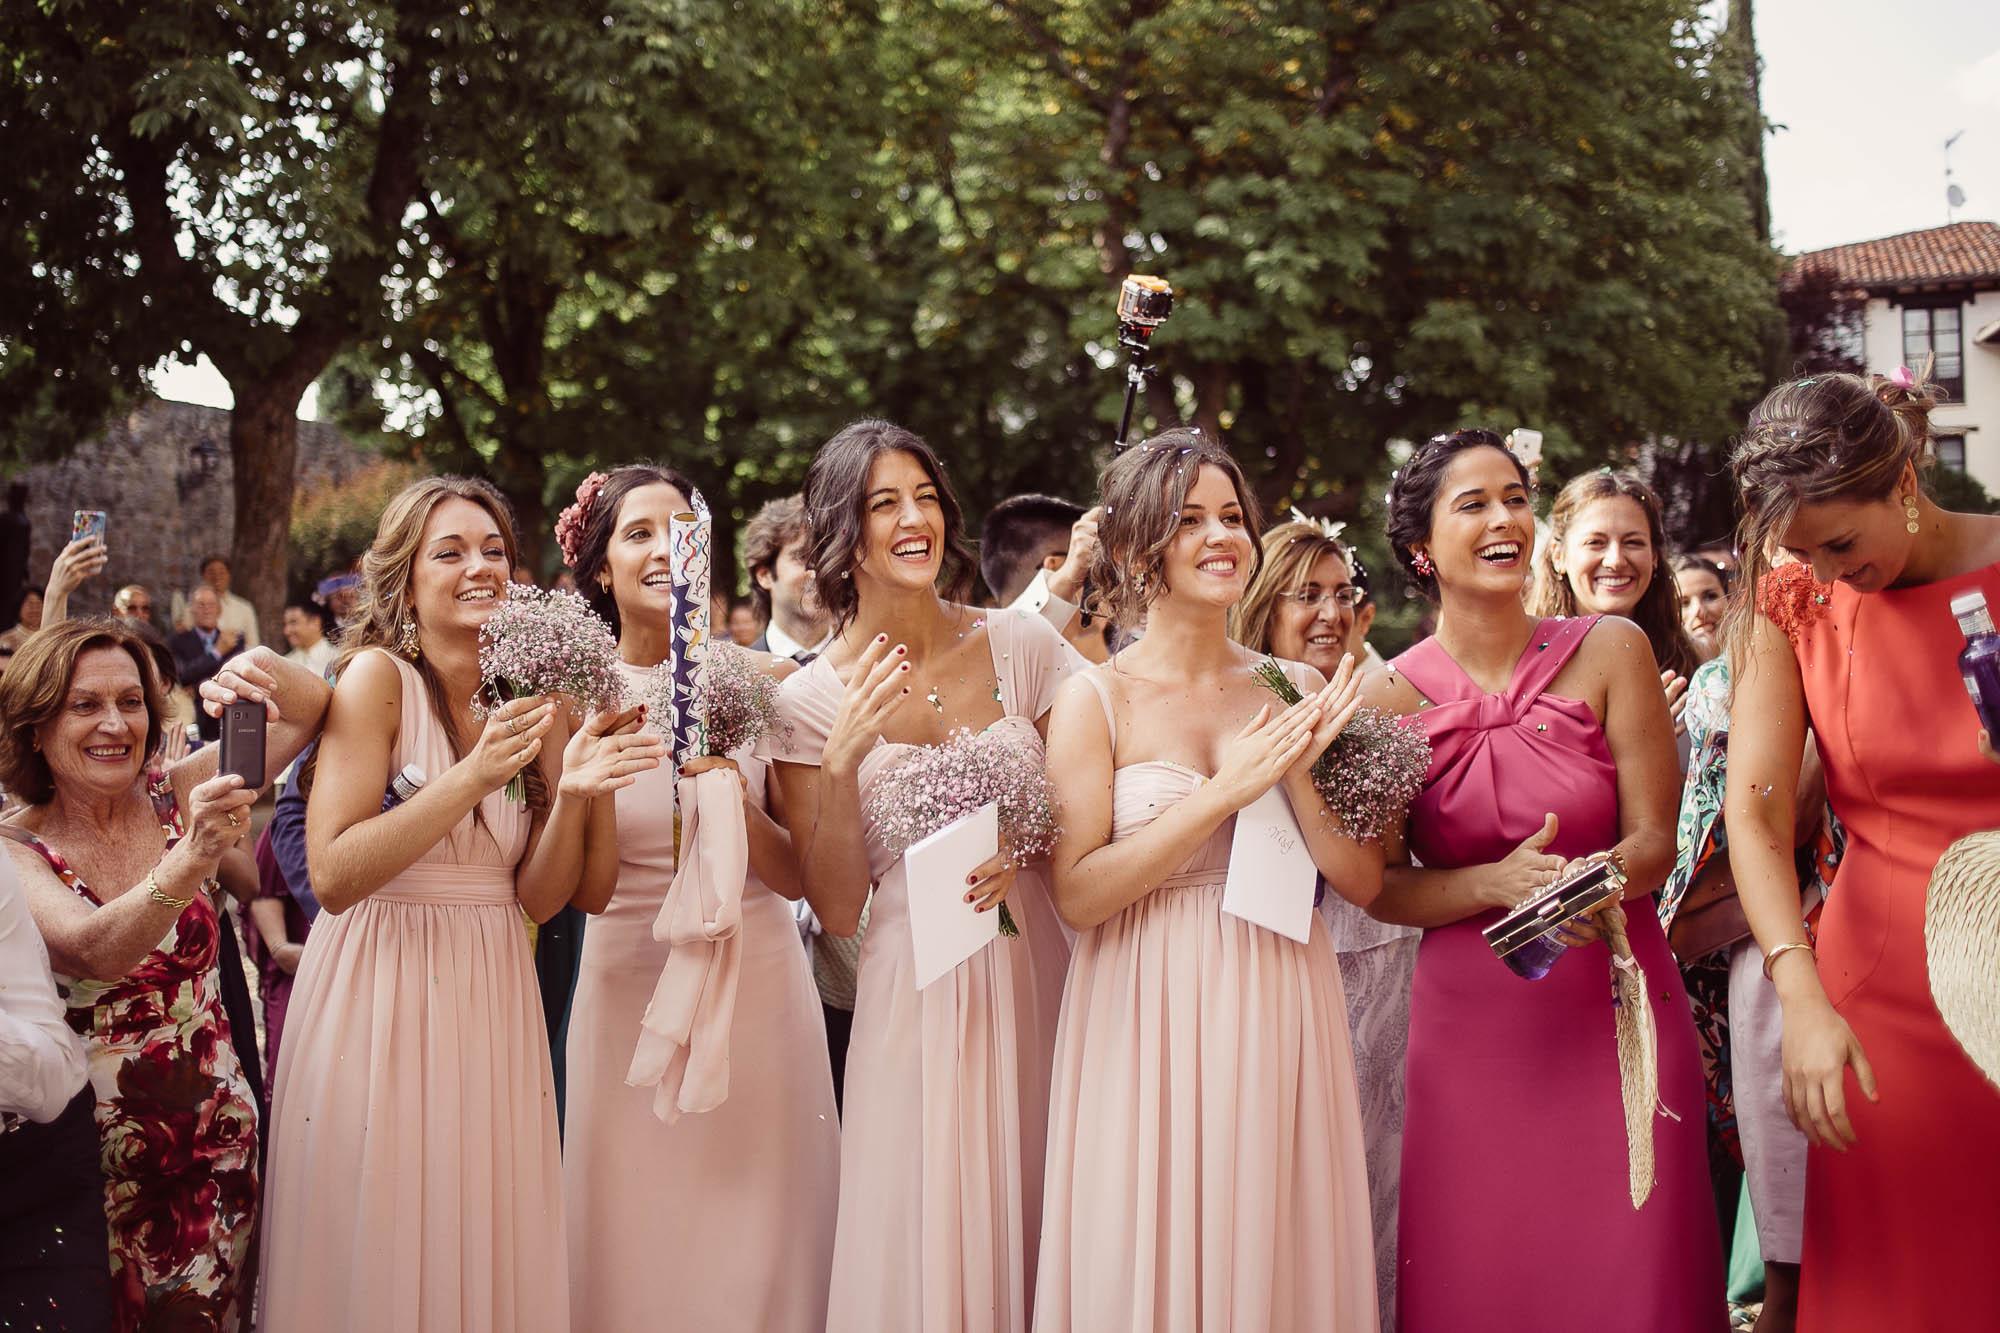 Las damas de honor de una boda y los invitados esperando a la novia